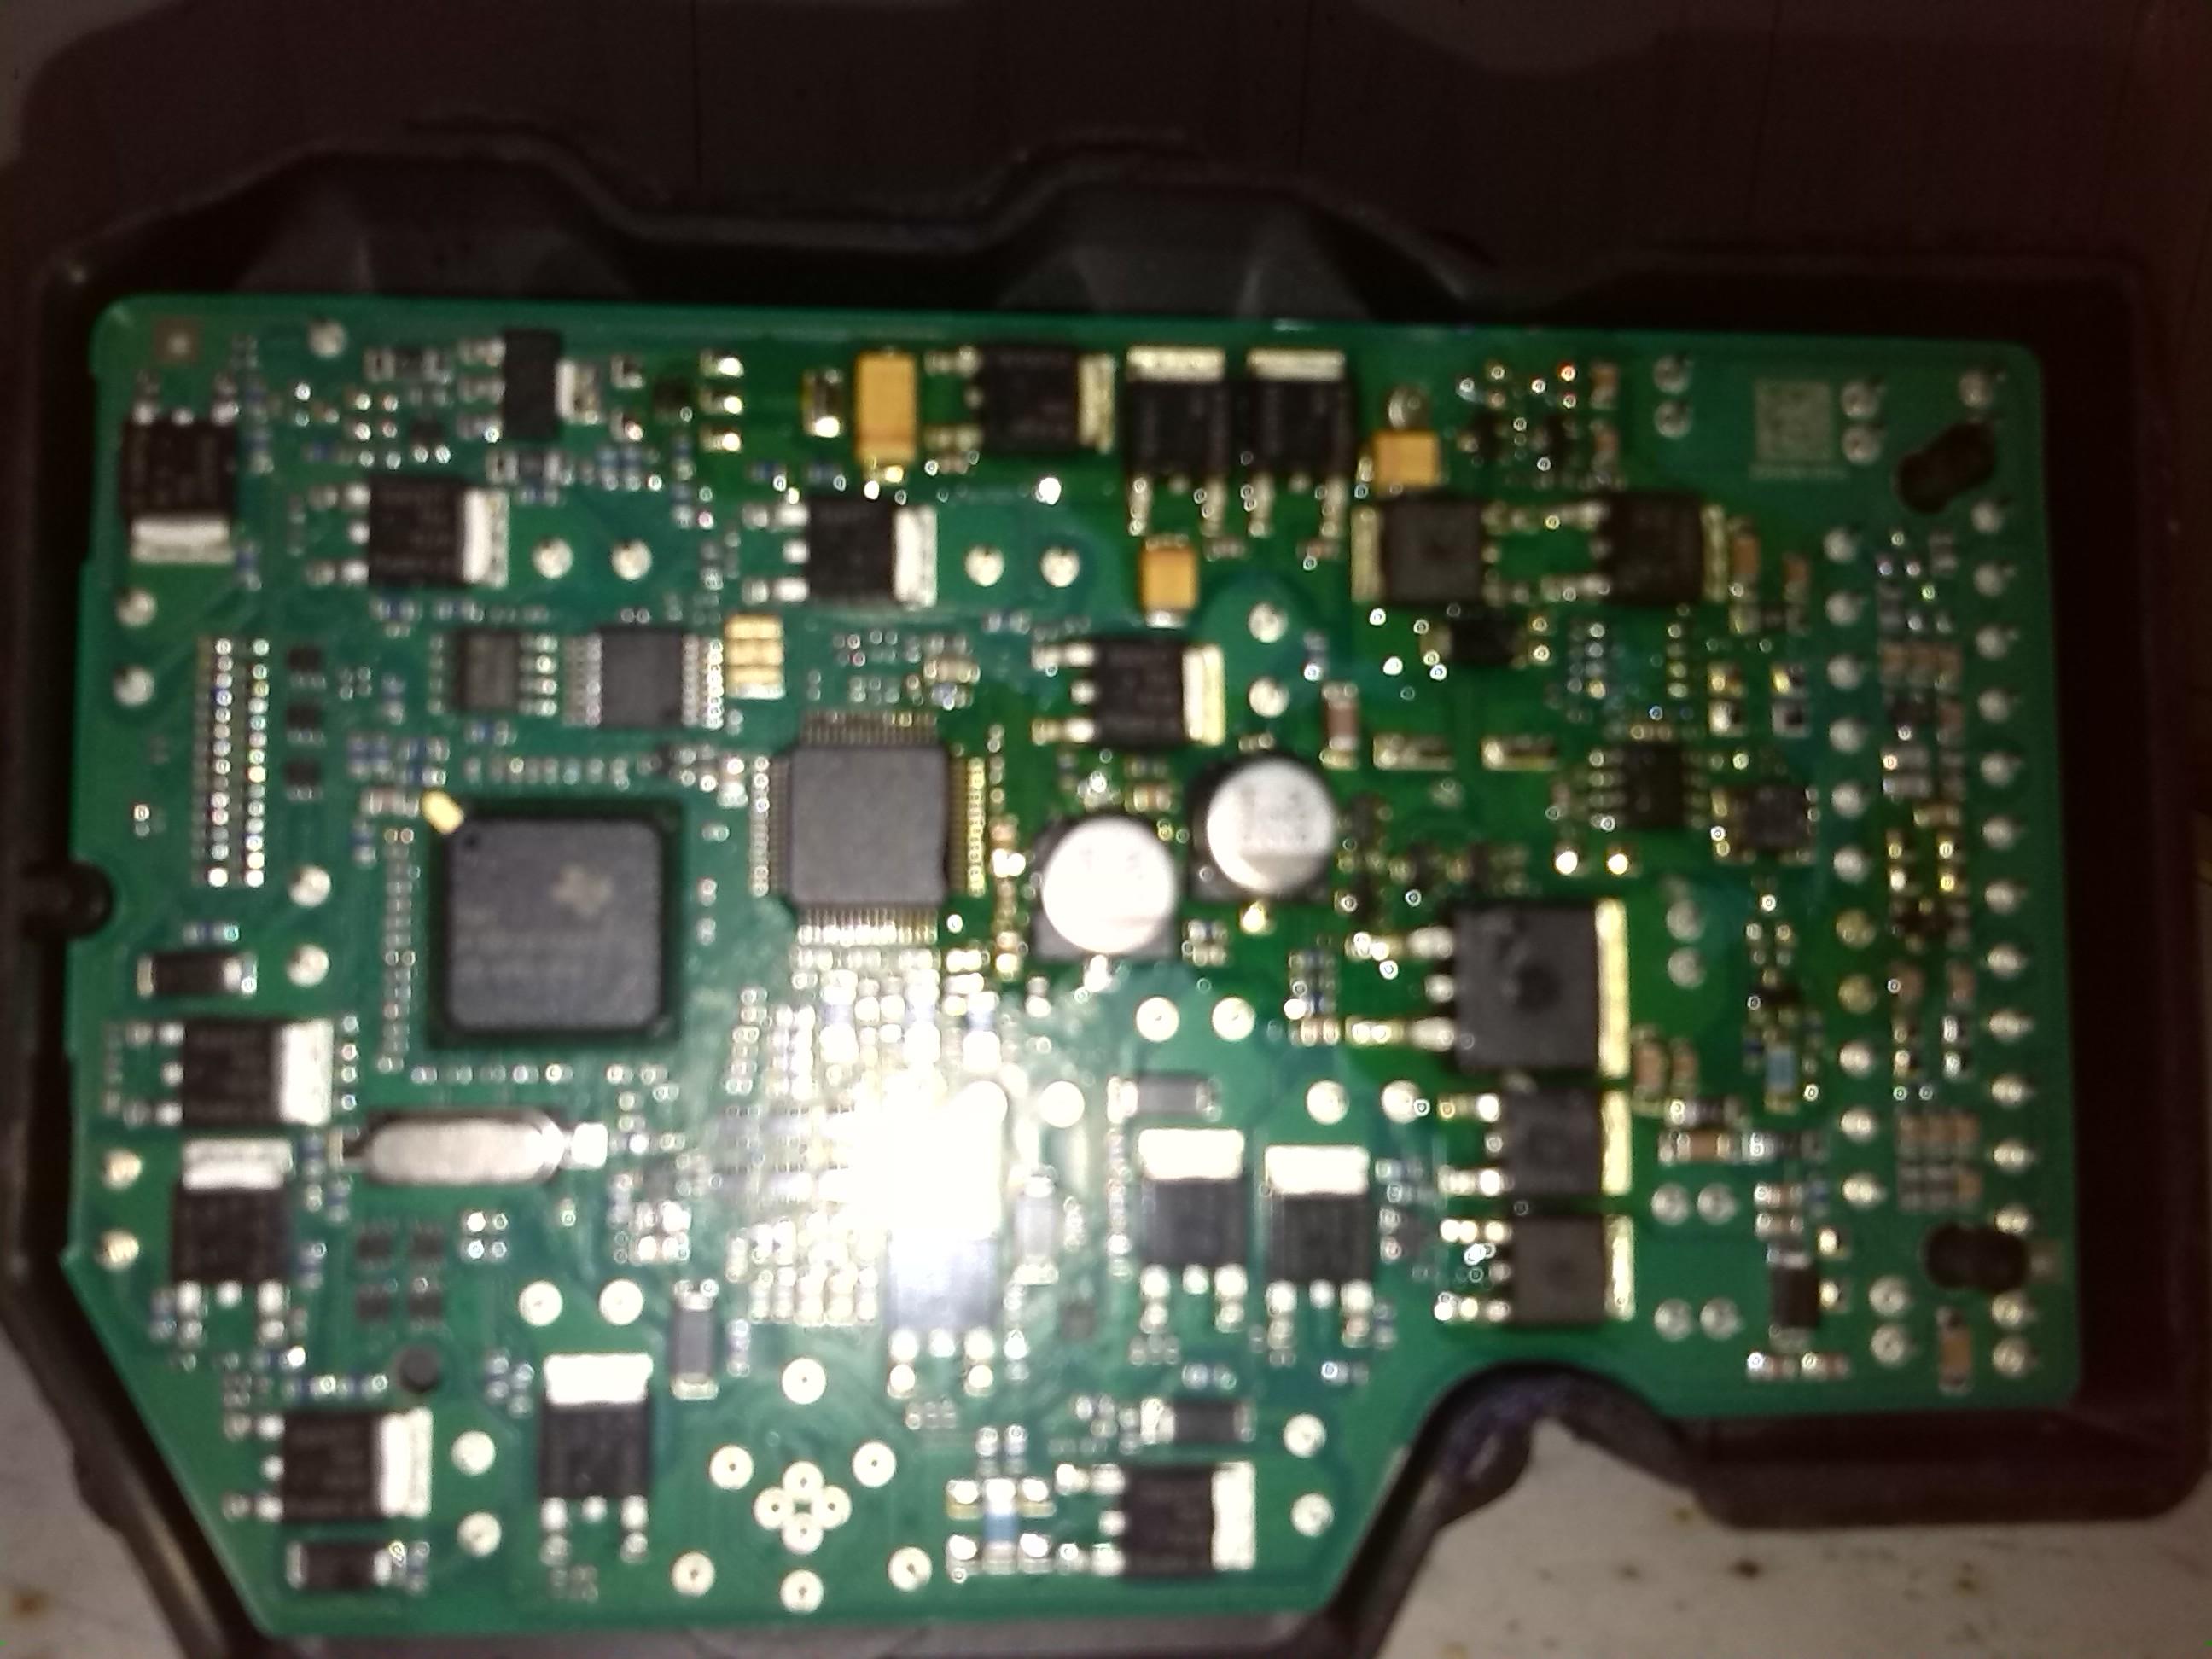 本人奇瑞A3车2013年6月12日仪表盘出现制动灯、ABS灯和ESP灯间歇性亮,2013年6月29日到兴义市奇瑞4S店检查,必须更换整个ABS泵,价格是5700多元,不包括安装工时费(其实当年9月召回只需更换其中一个模块,1000元不到,属于误导消费者)。由于没有现货,价格太高,本人没有同意,回来后在网上买了一个便宜的非原厂ABS泵,于2013年7月12日在当地奇瑞二级维护店更换上,之后于2013年10月17日开始会出现制动灯灯间歇性亮,还有刹车性能不如以前到位。因为原车拆下来的已坏ABS泵过了质保期,就